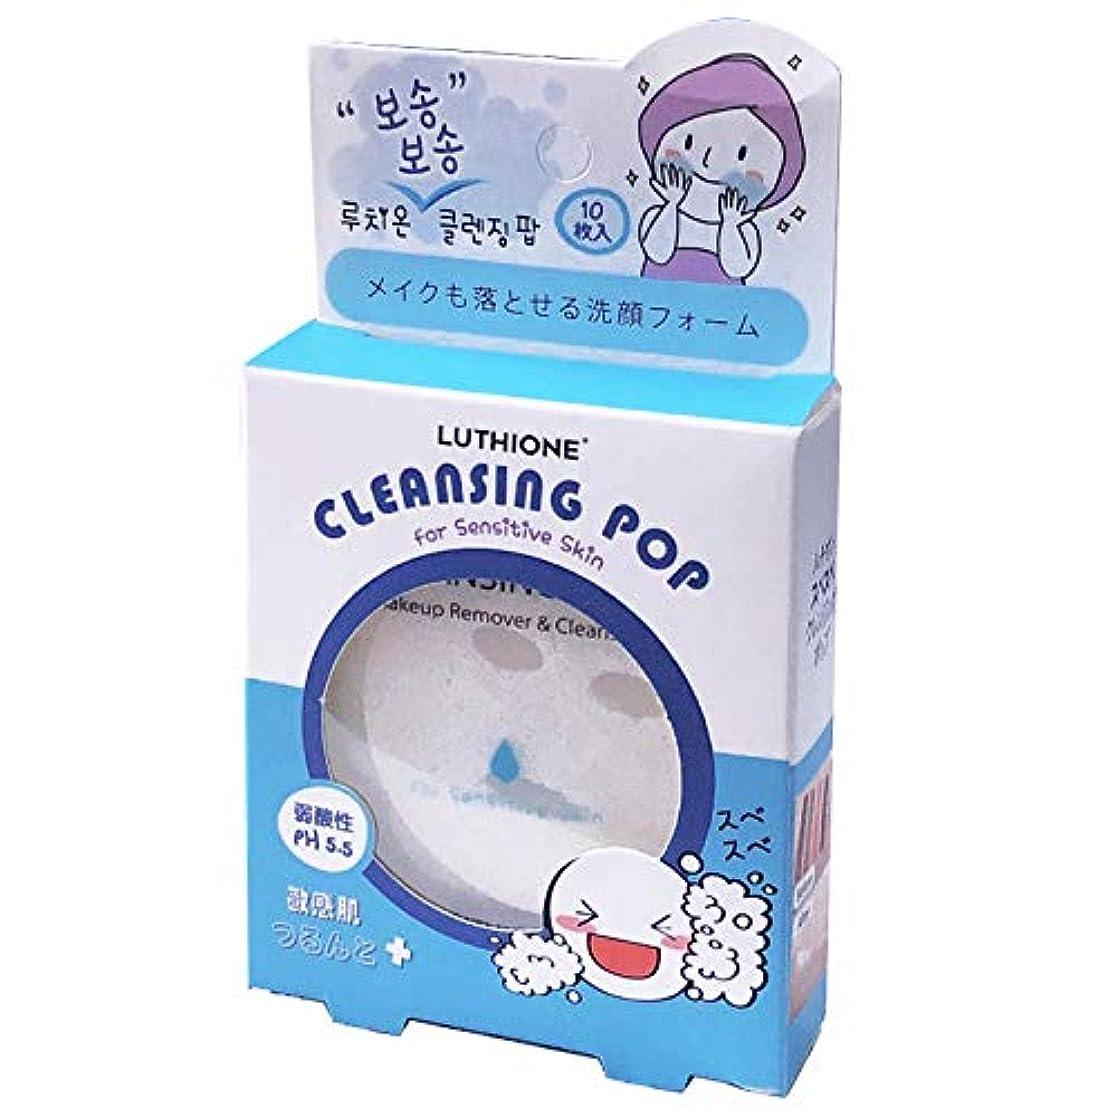 無許可カップ建築【まとめ買い】ルチオン クレンジングポップ (LUTHIONE CLEANSING POP) 敏感肌 10枚入り ×10個